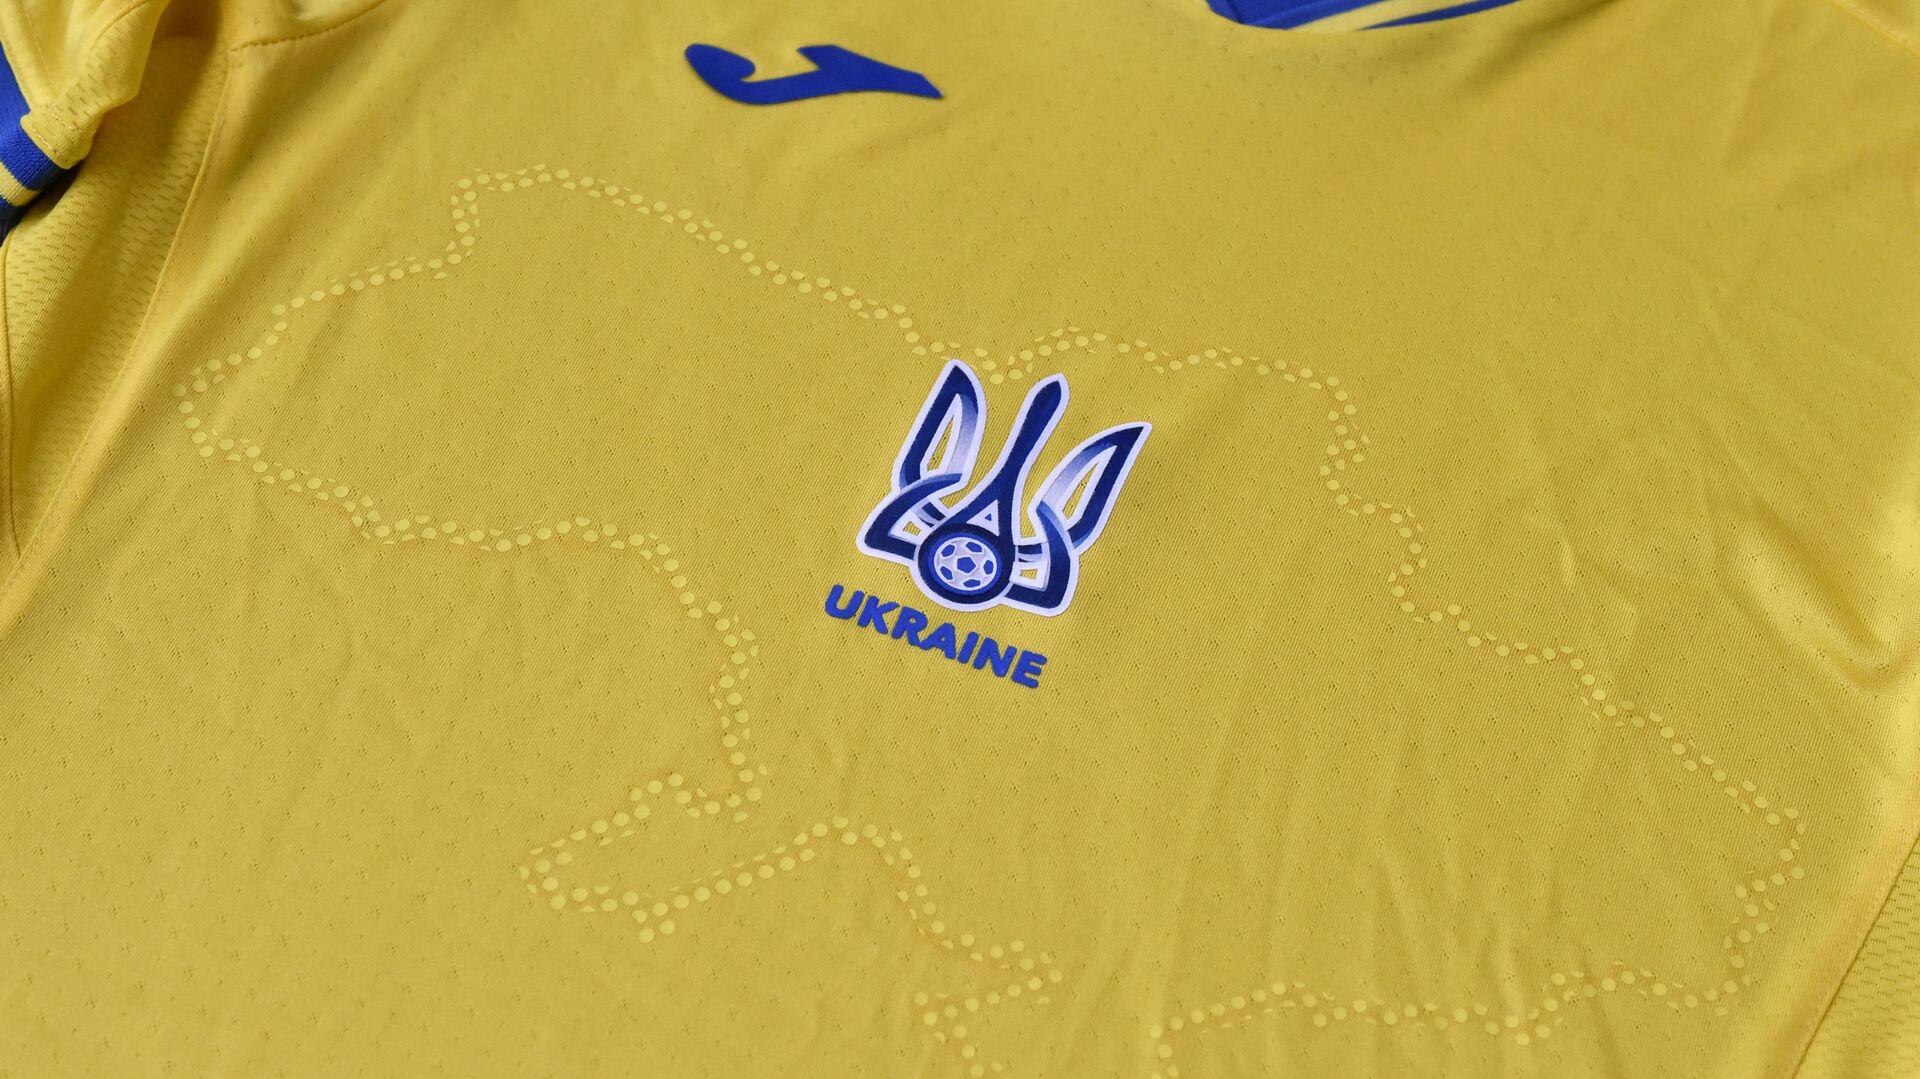 La divisa realizzata per la nazionale di calcio ucraina per gli Europei Euro 2020 - Sputnik Italia, 1920, 08.06.2021